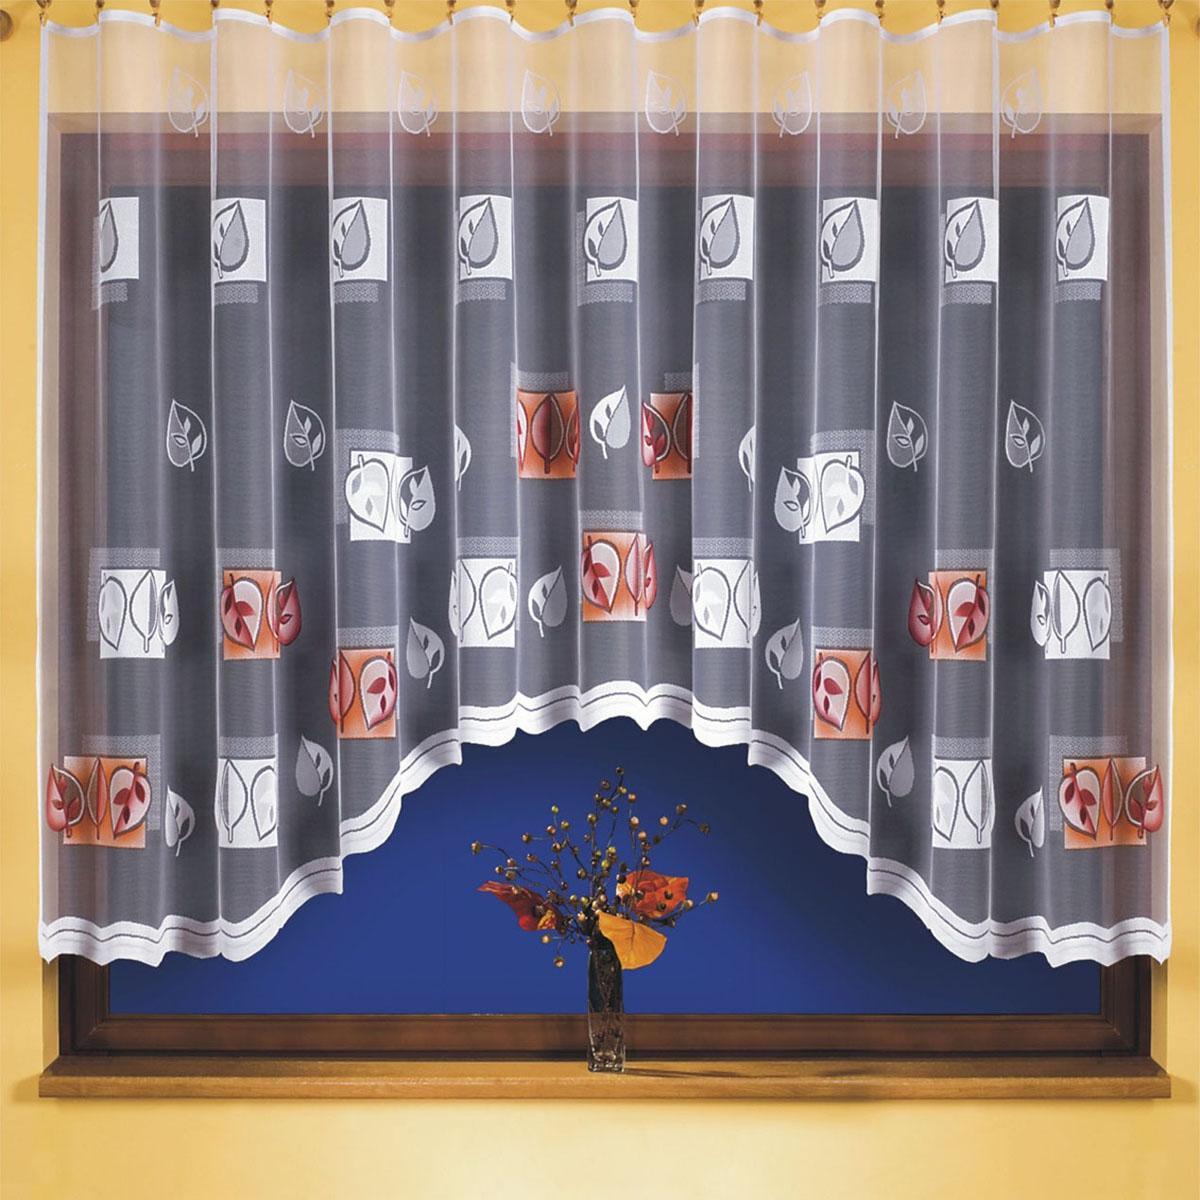 Гардина Wisan, цвет: белый, ширина 300 см, высота 150 см. 9387GC013/00вид крепления - под зажимы для шторРазмеры: ширина 300*высота 150